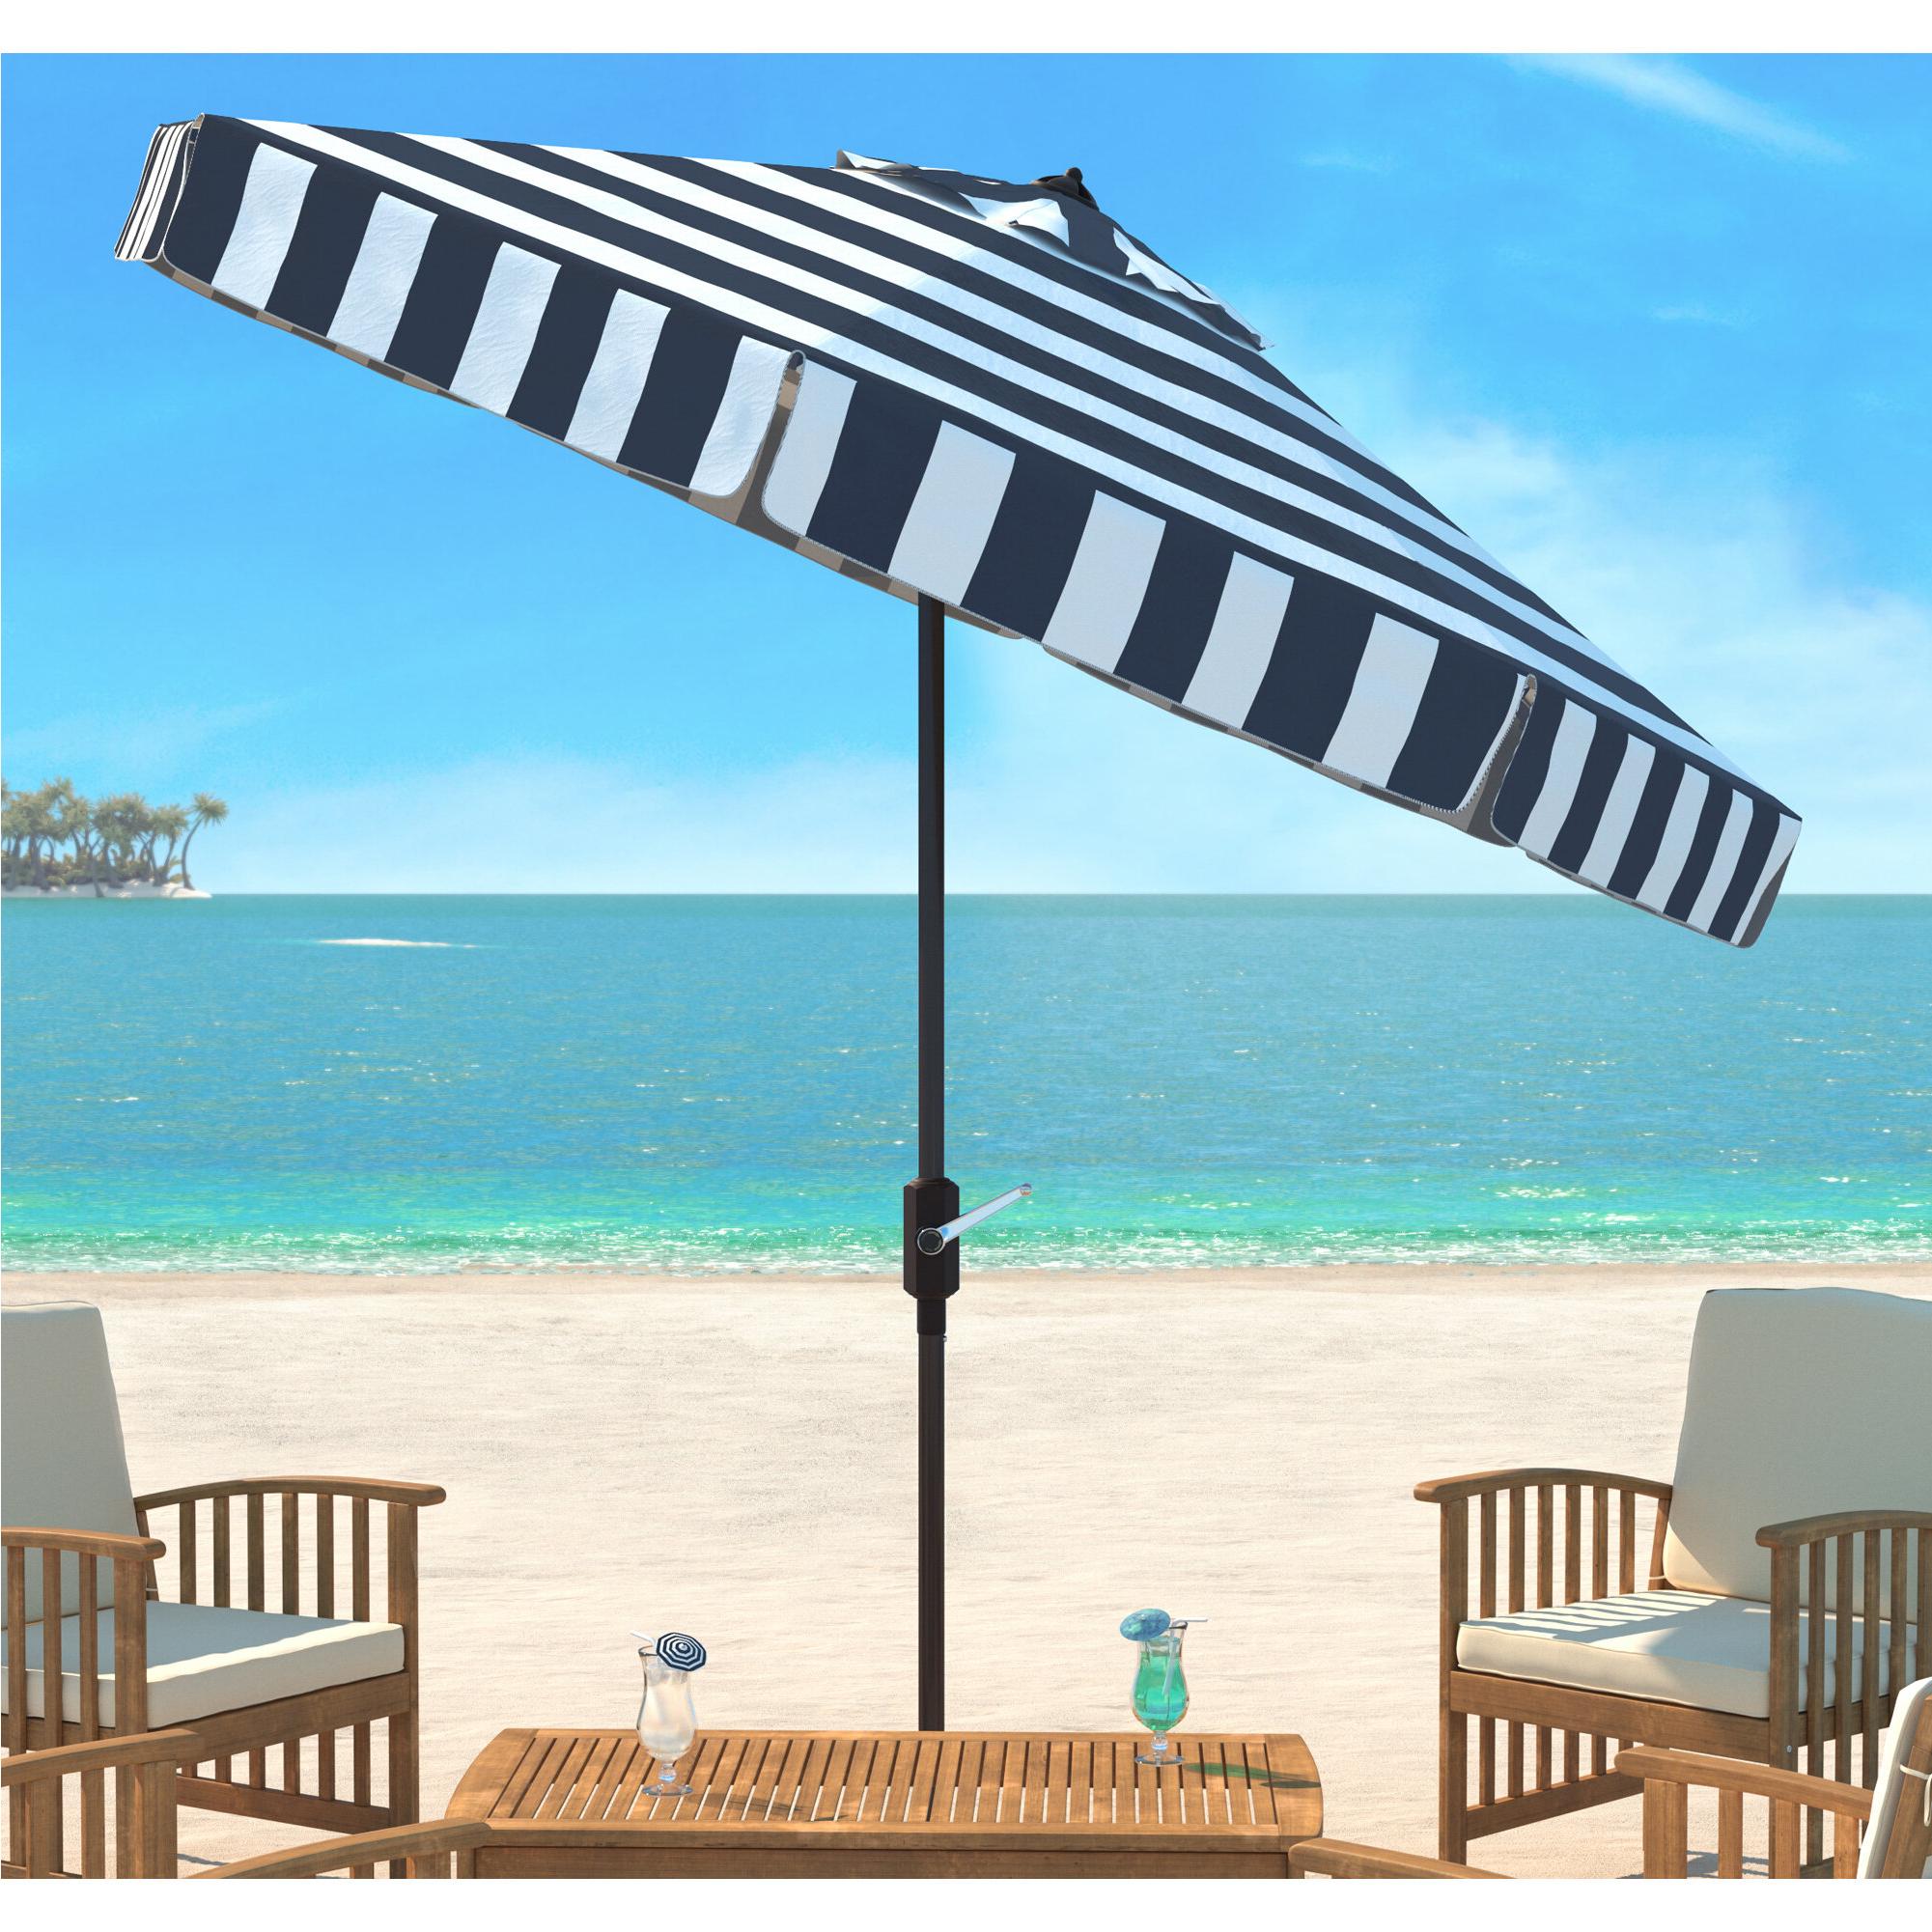 Beachcrest Home Engelman 9' Market Umbrella Inside Current Mullaney Beachcrest Home Market Umbrellas (View 10 of 20)